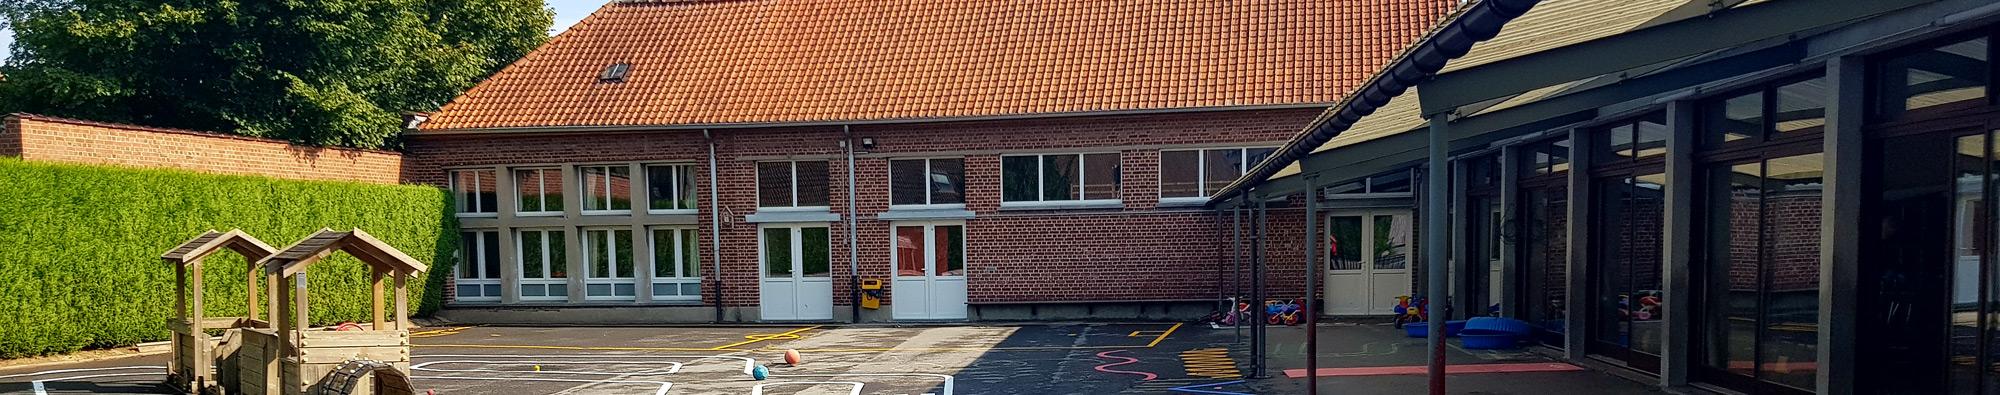 école primaire saint michel Tournai